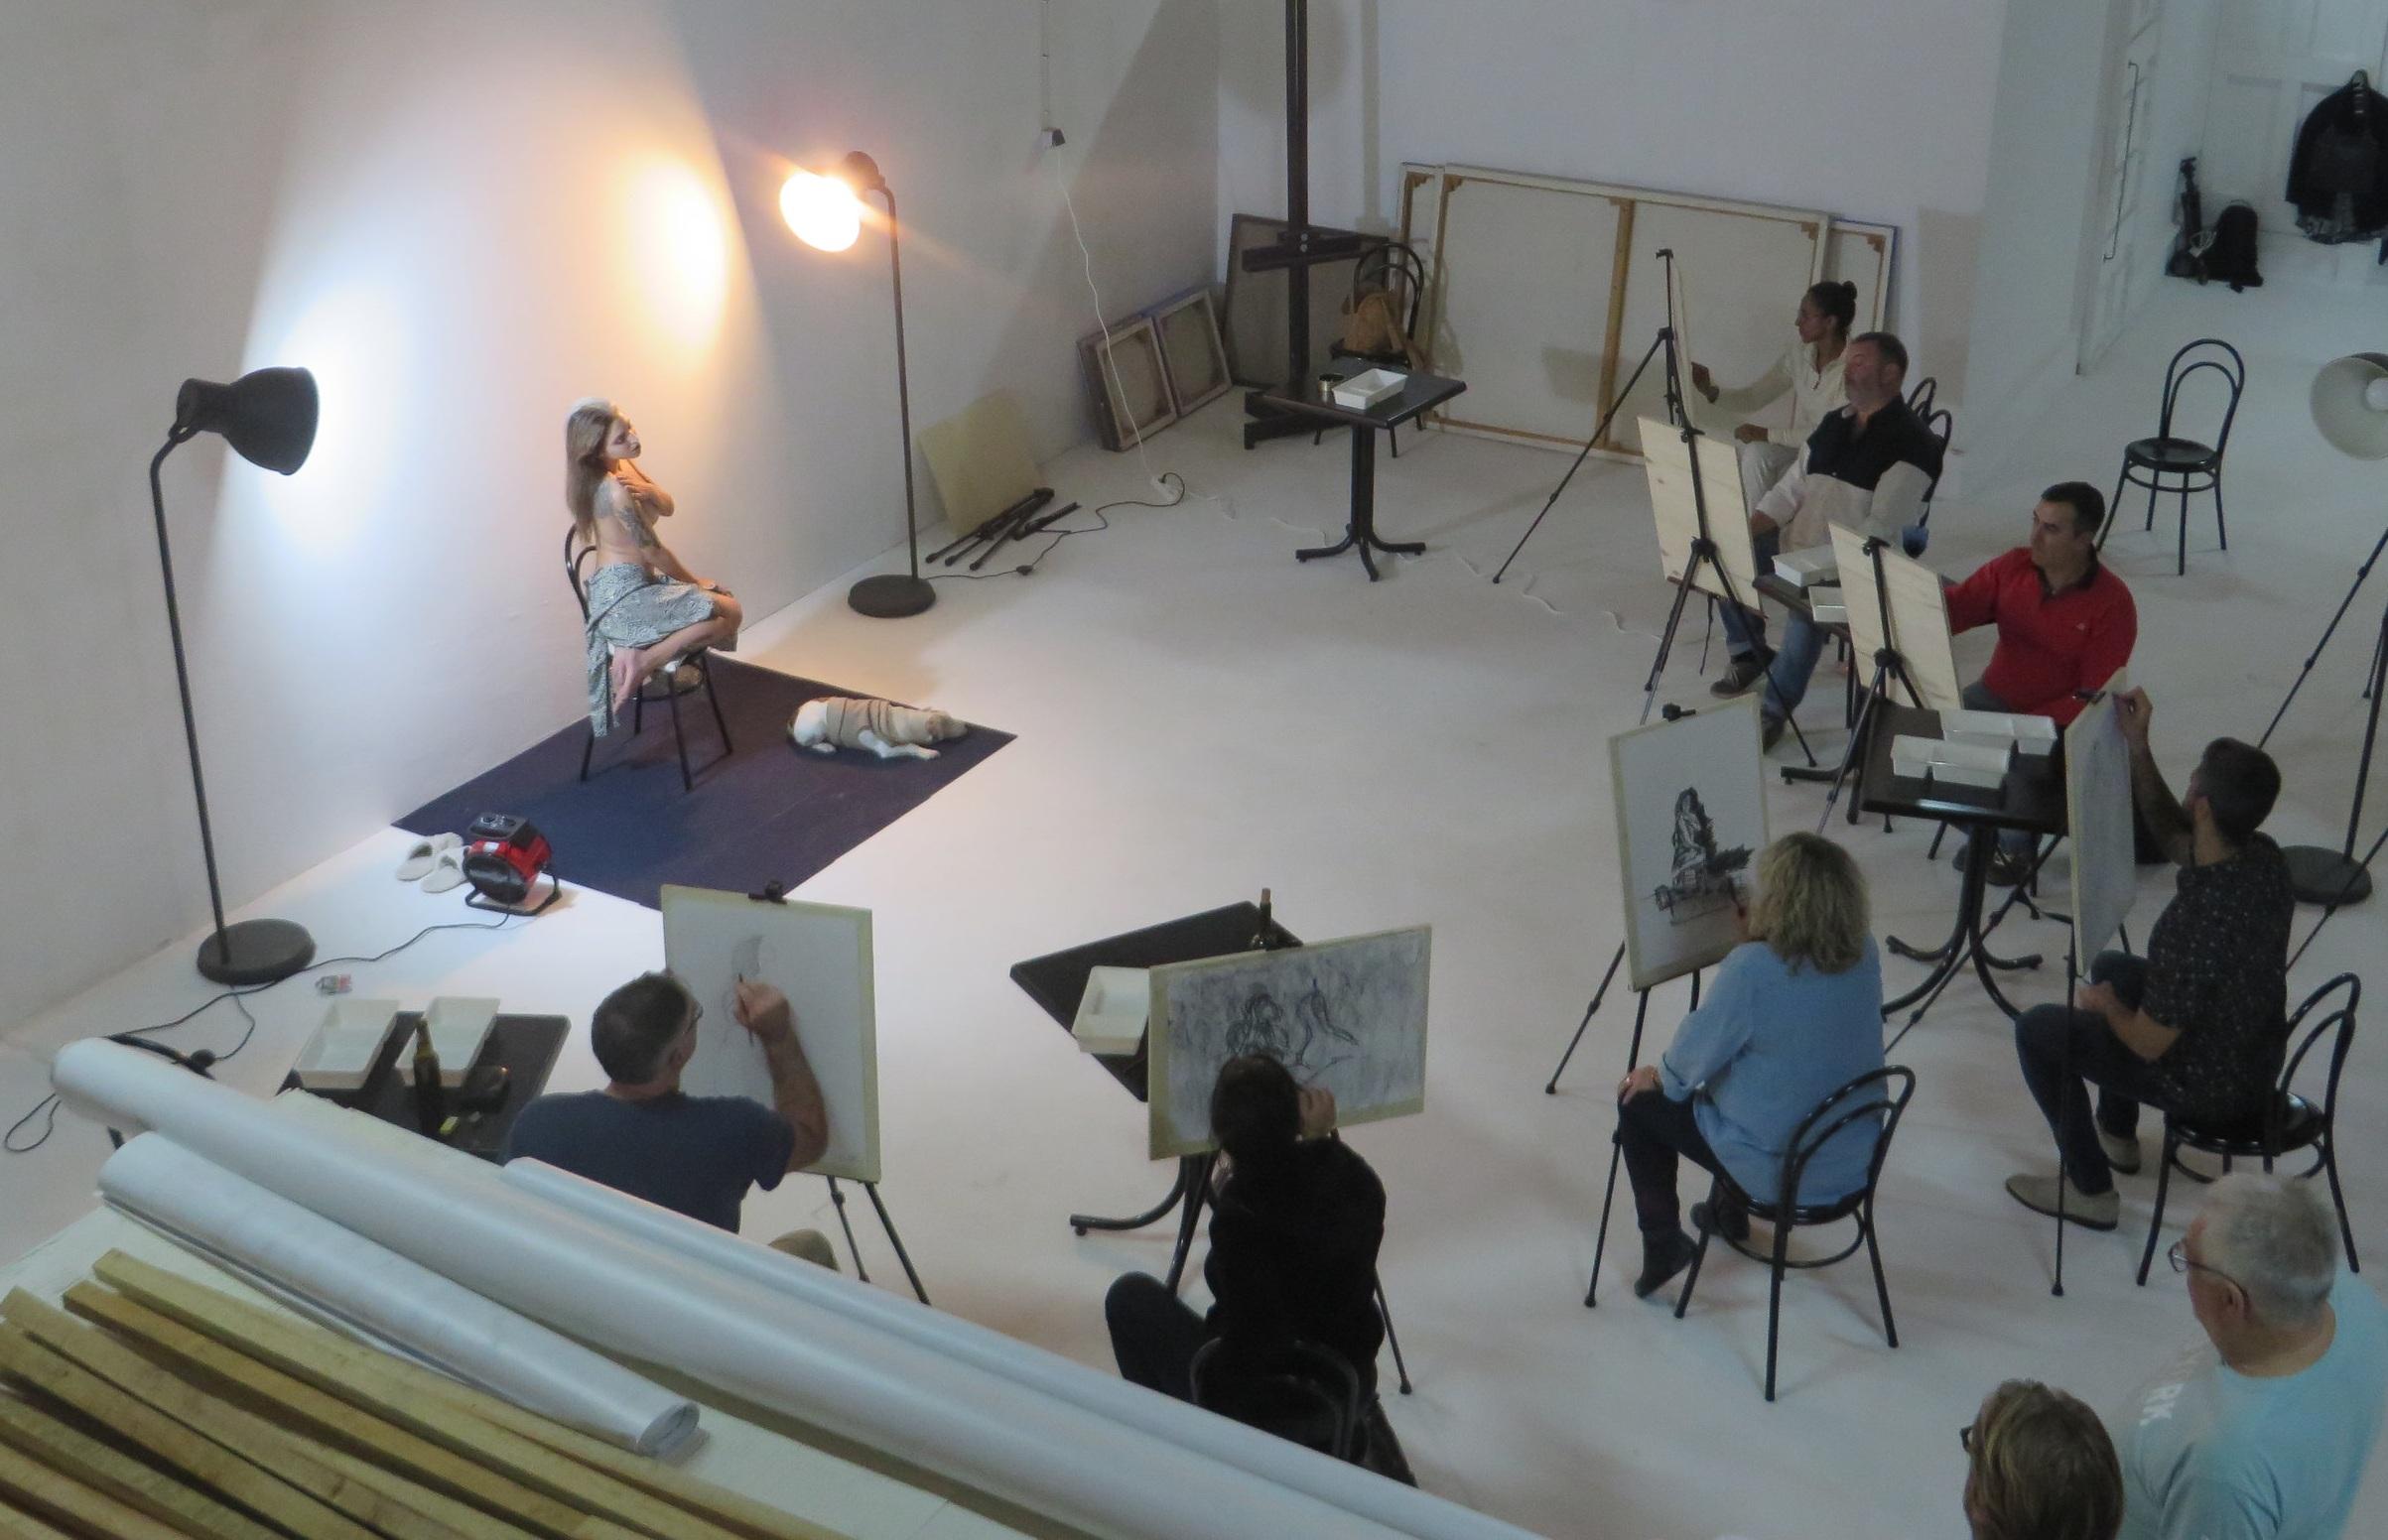 Art-cafe-art-studio-workshop-top-view.JPG